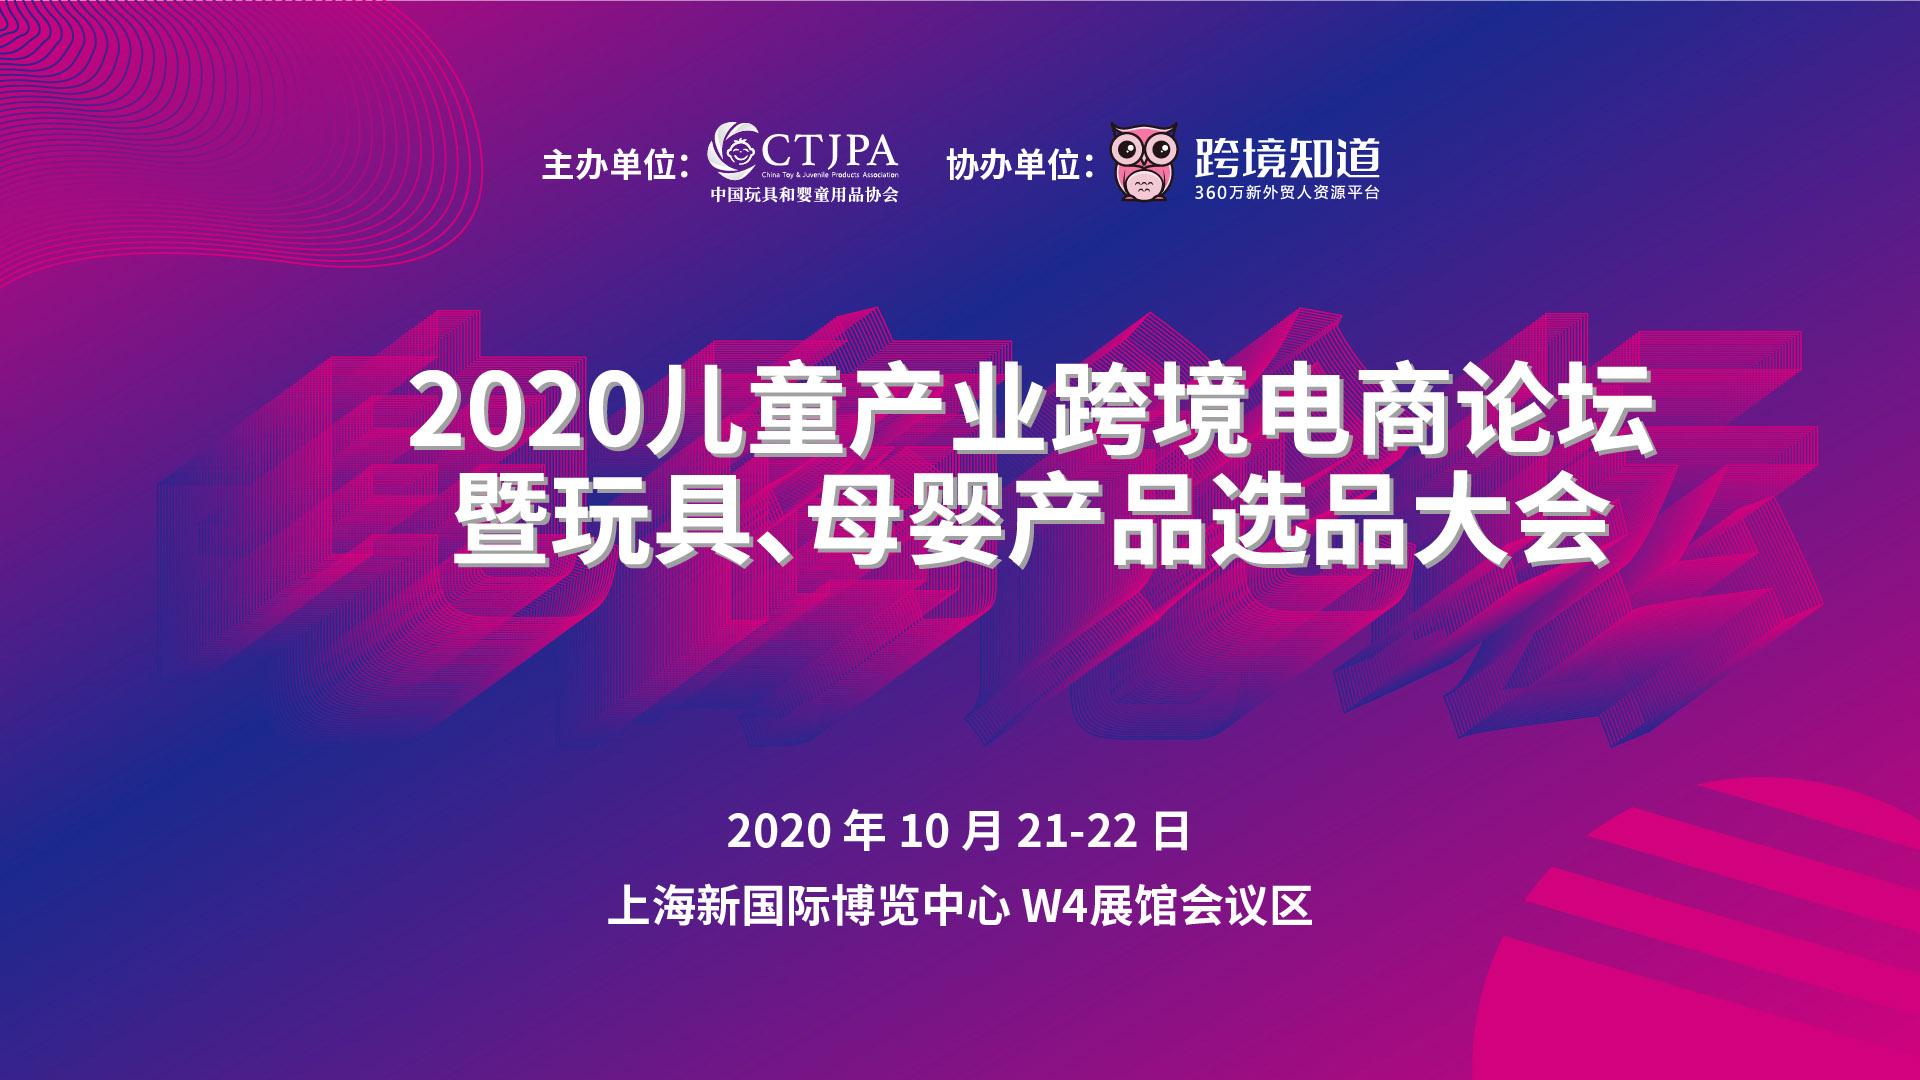 2020儿童产业跨境电商论坛暨玩具、母婴产品选品大会